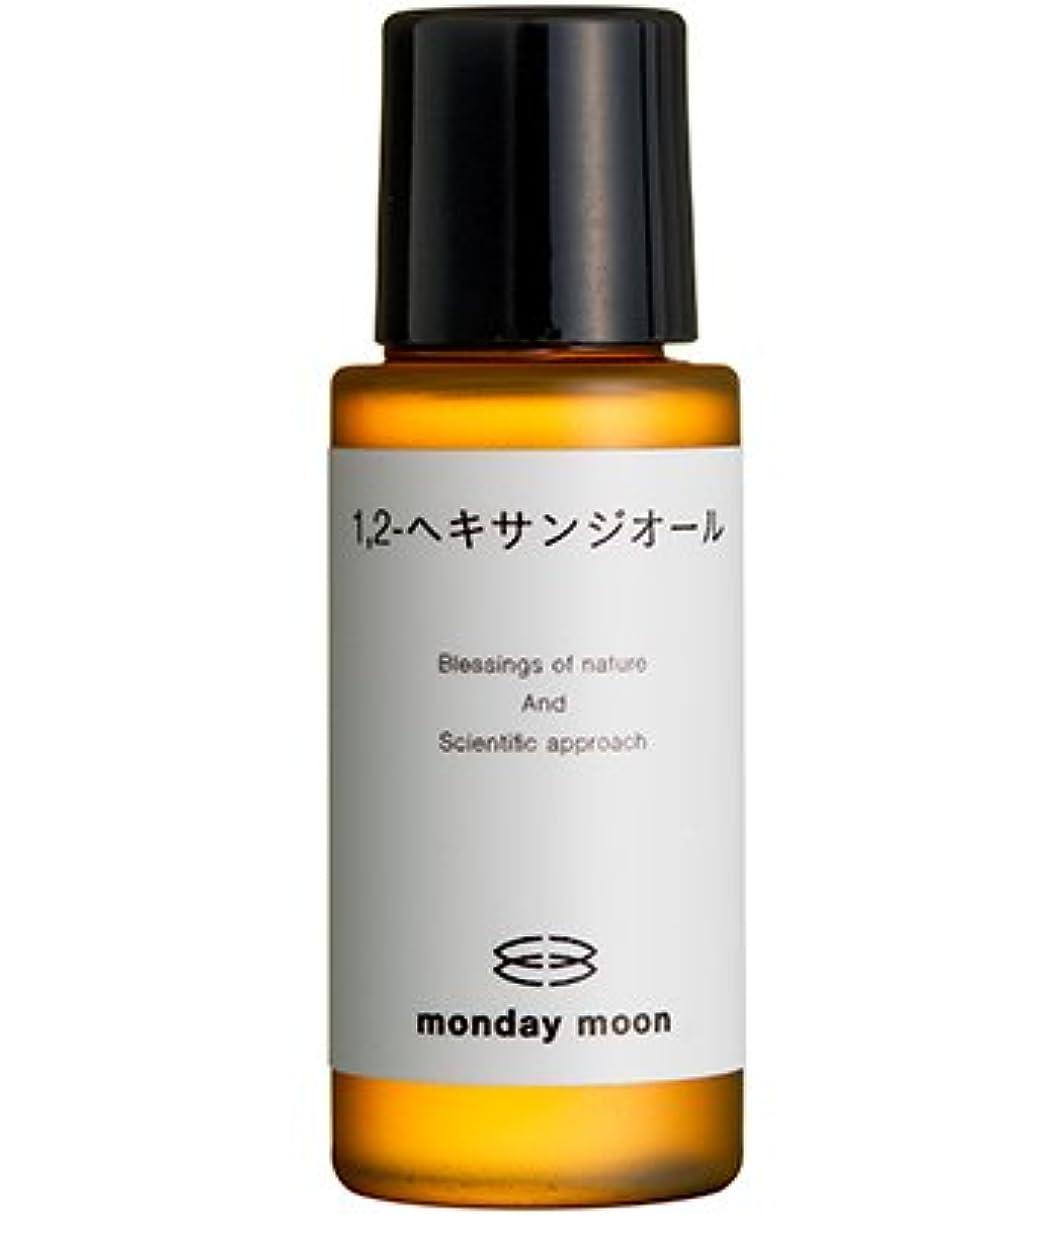 意志に反する口ひげシーサイド1,2-ヘキサンジオール/10ml